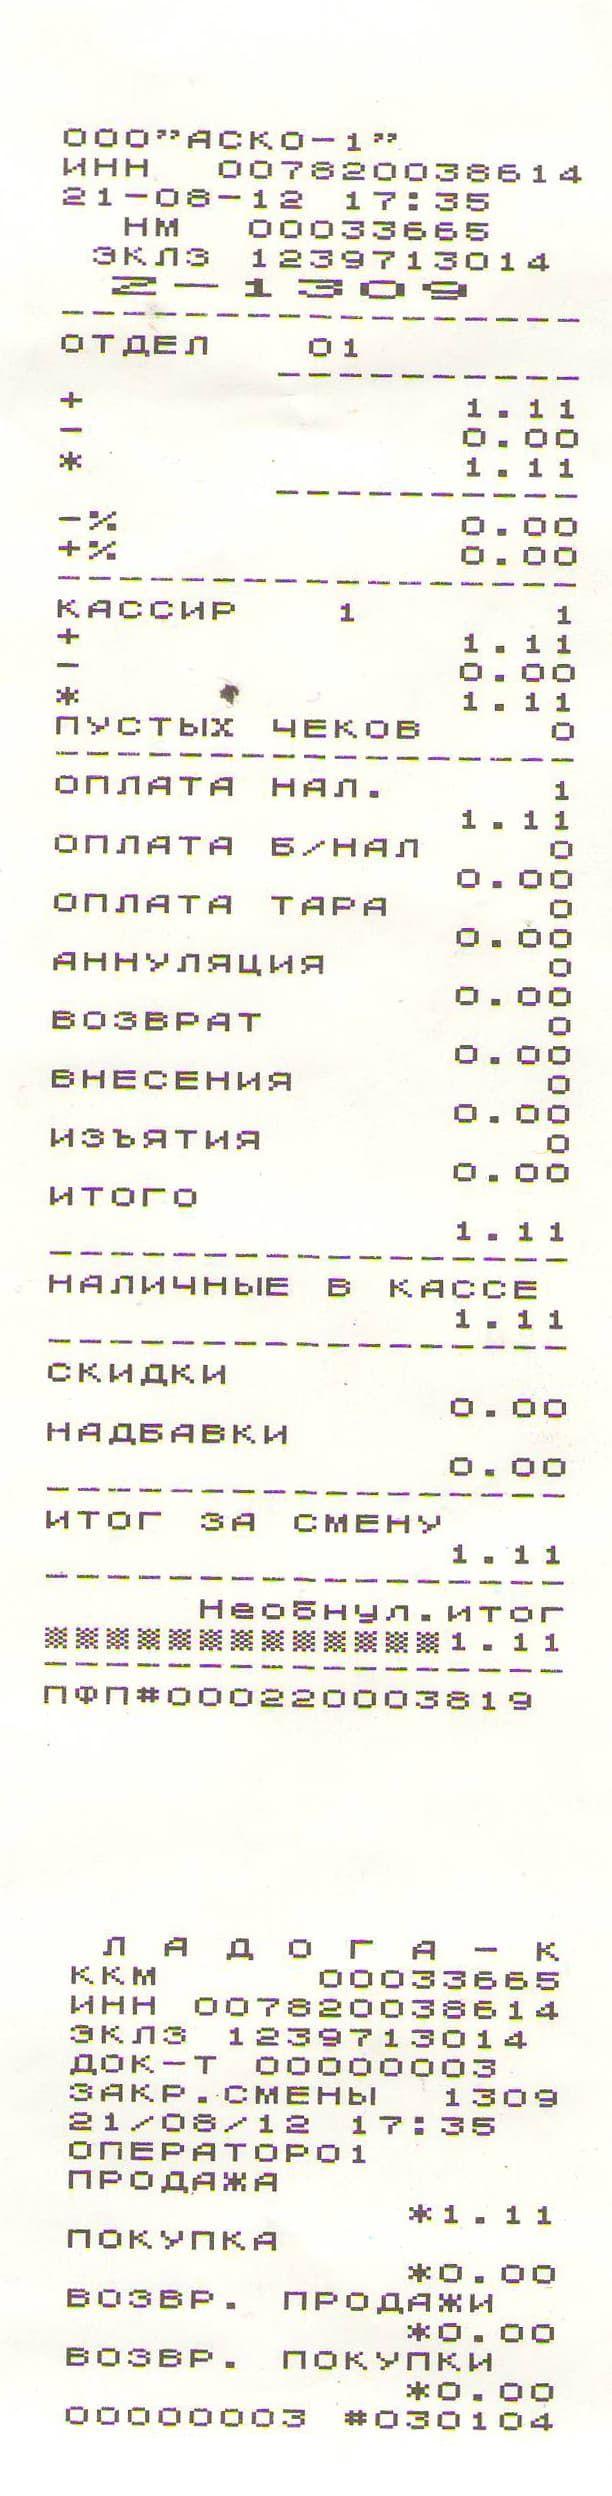 бланк отчёта кассира